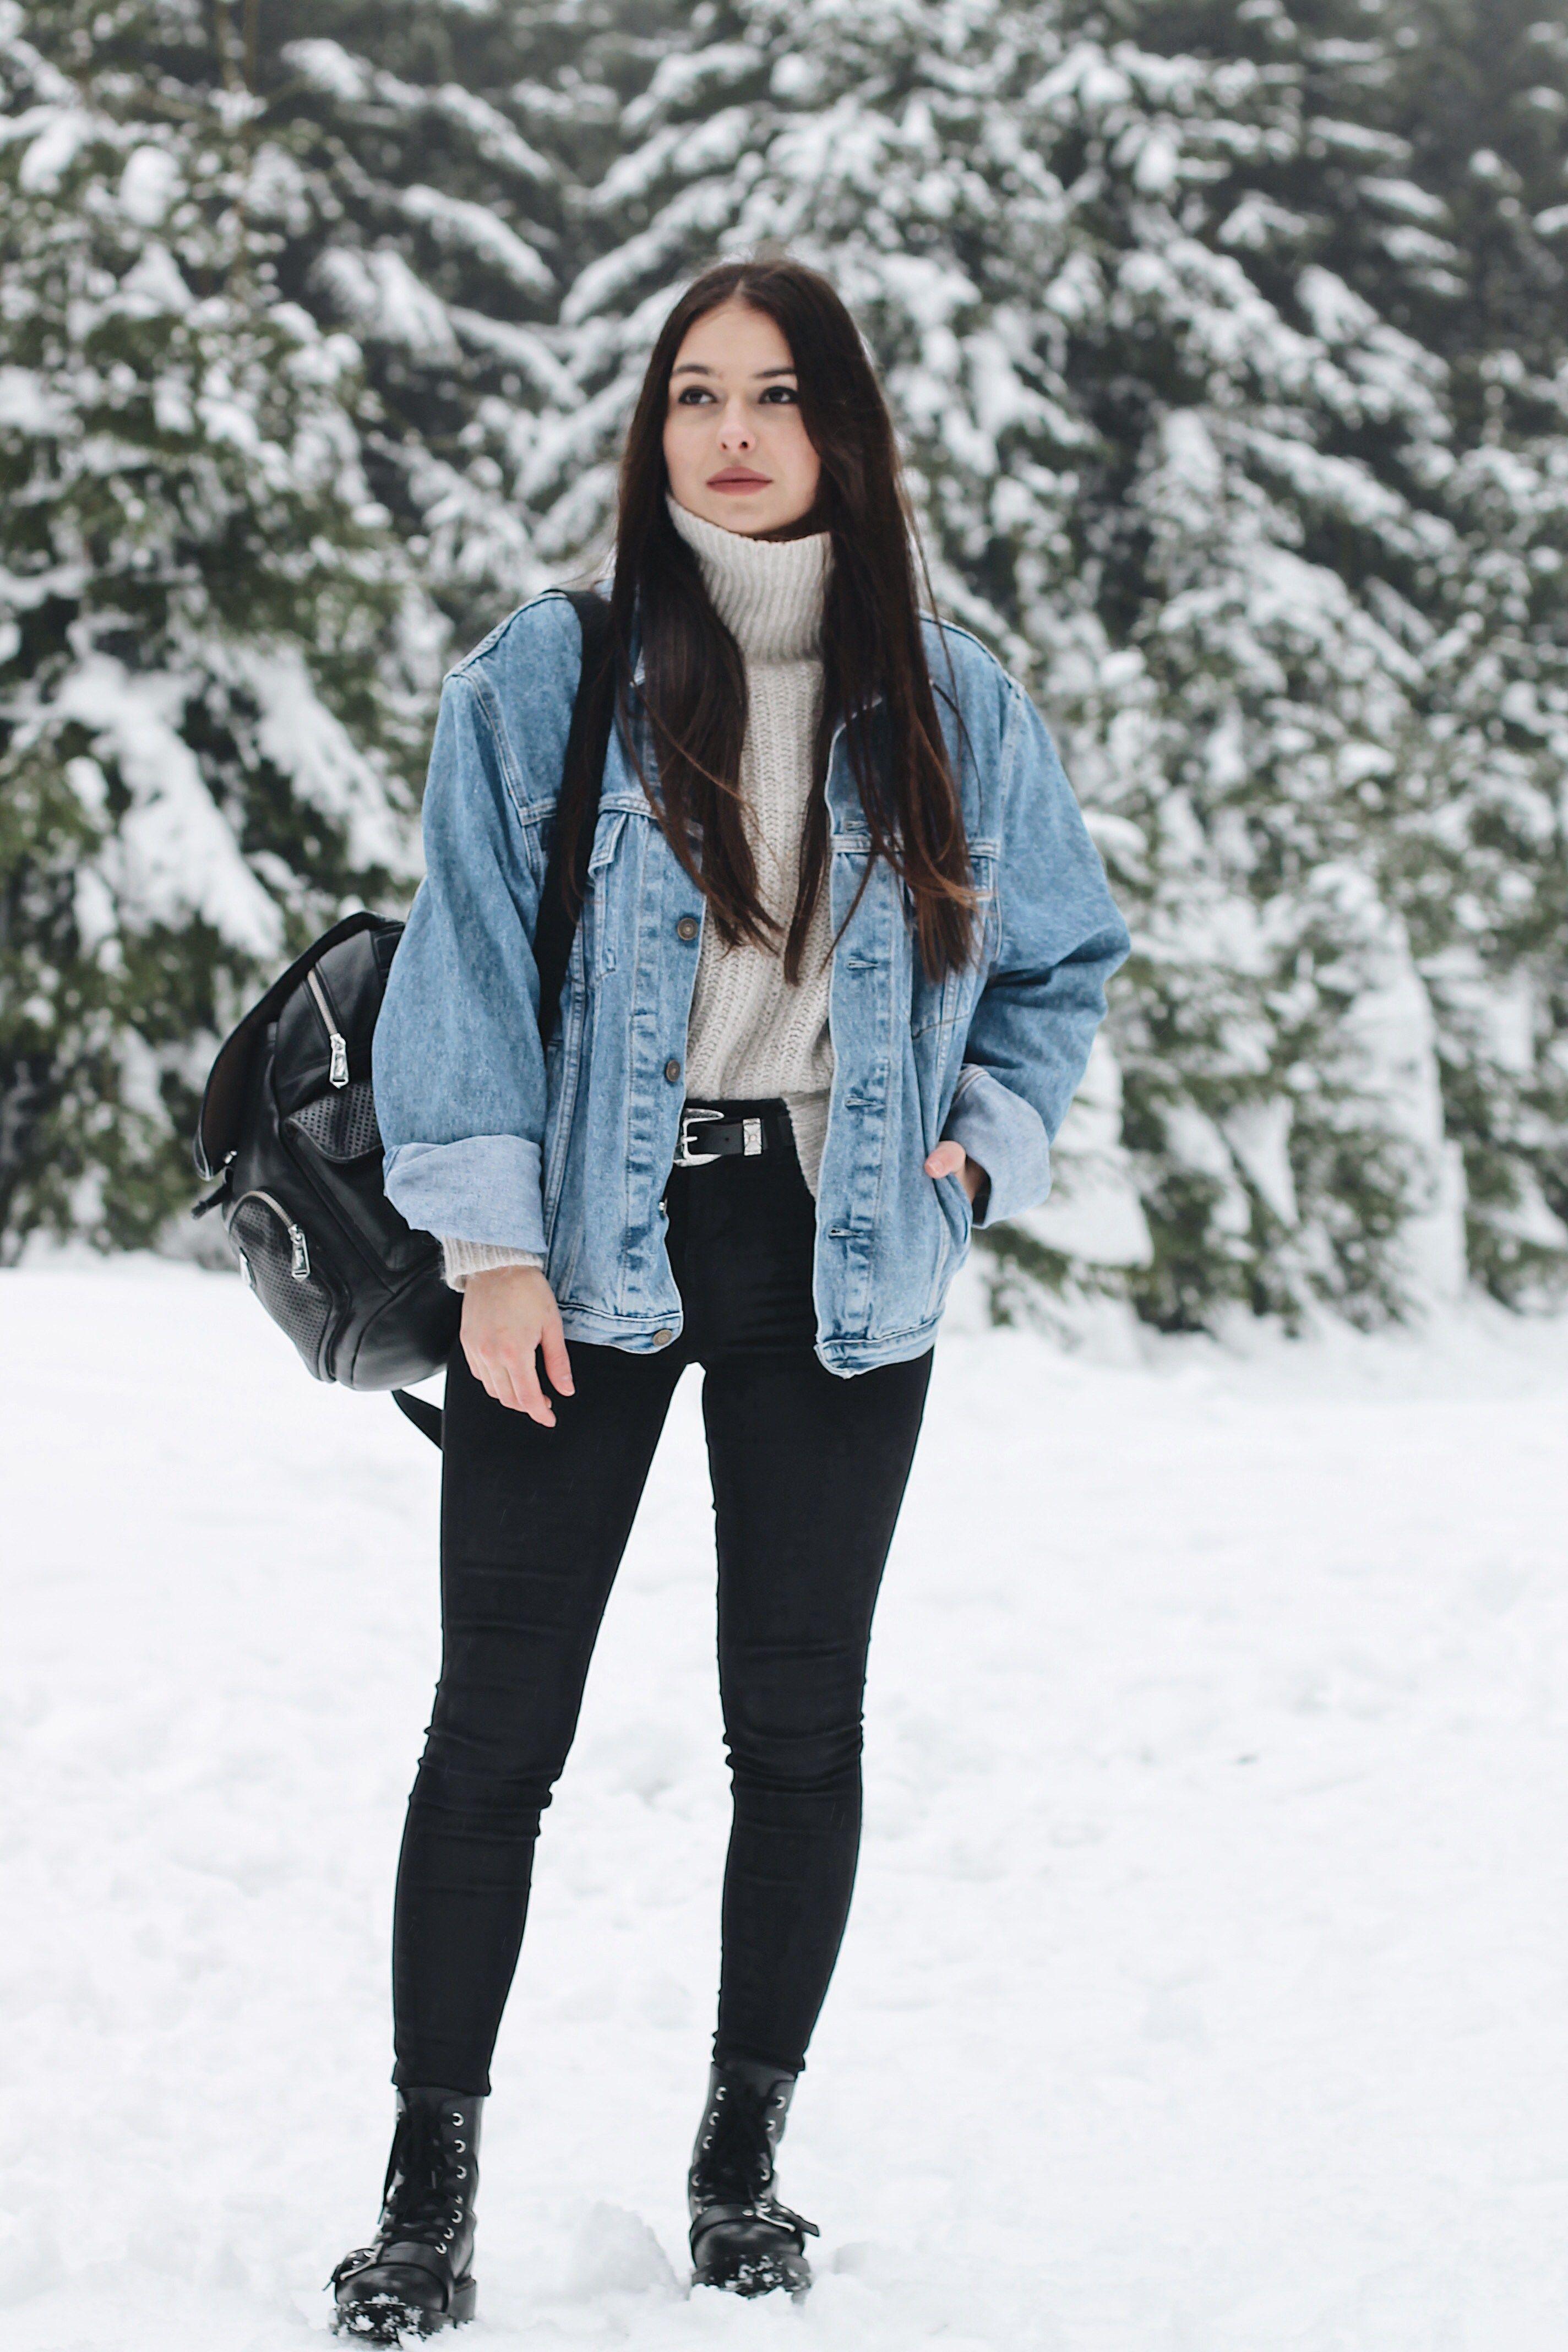 Winter Days And Denim Jackets Vogue Et Voyage Winter Jacket Outfits Vintage Denim Jacket Outfit Denim Jacket Outfit Winter [ 4272 x 2848 Pixel ]